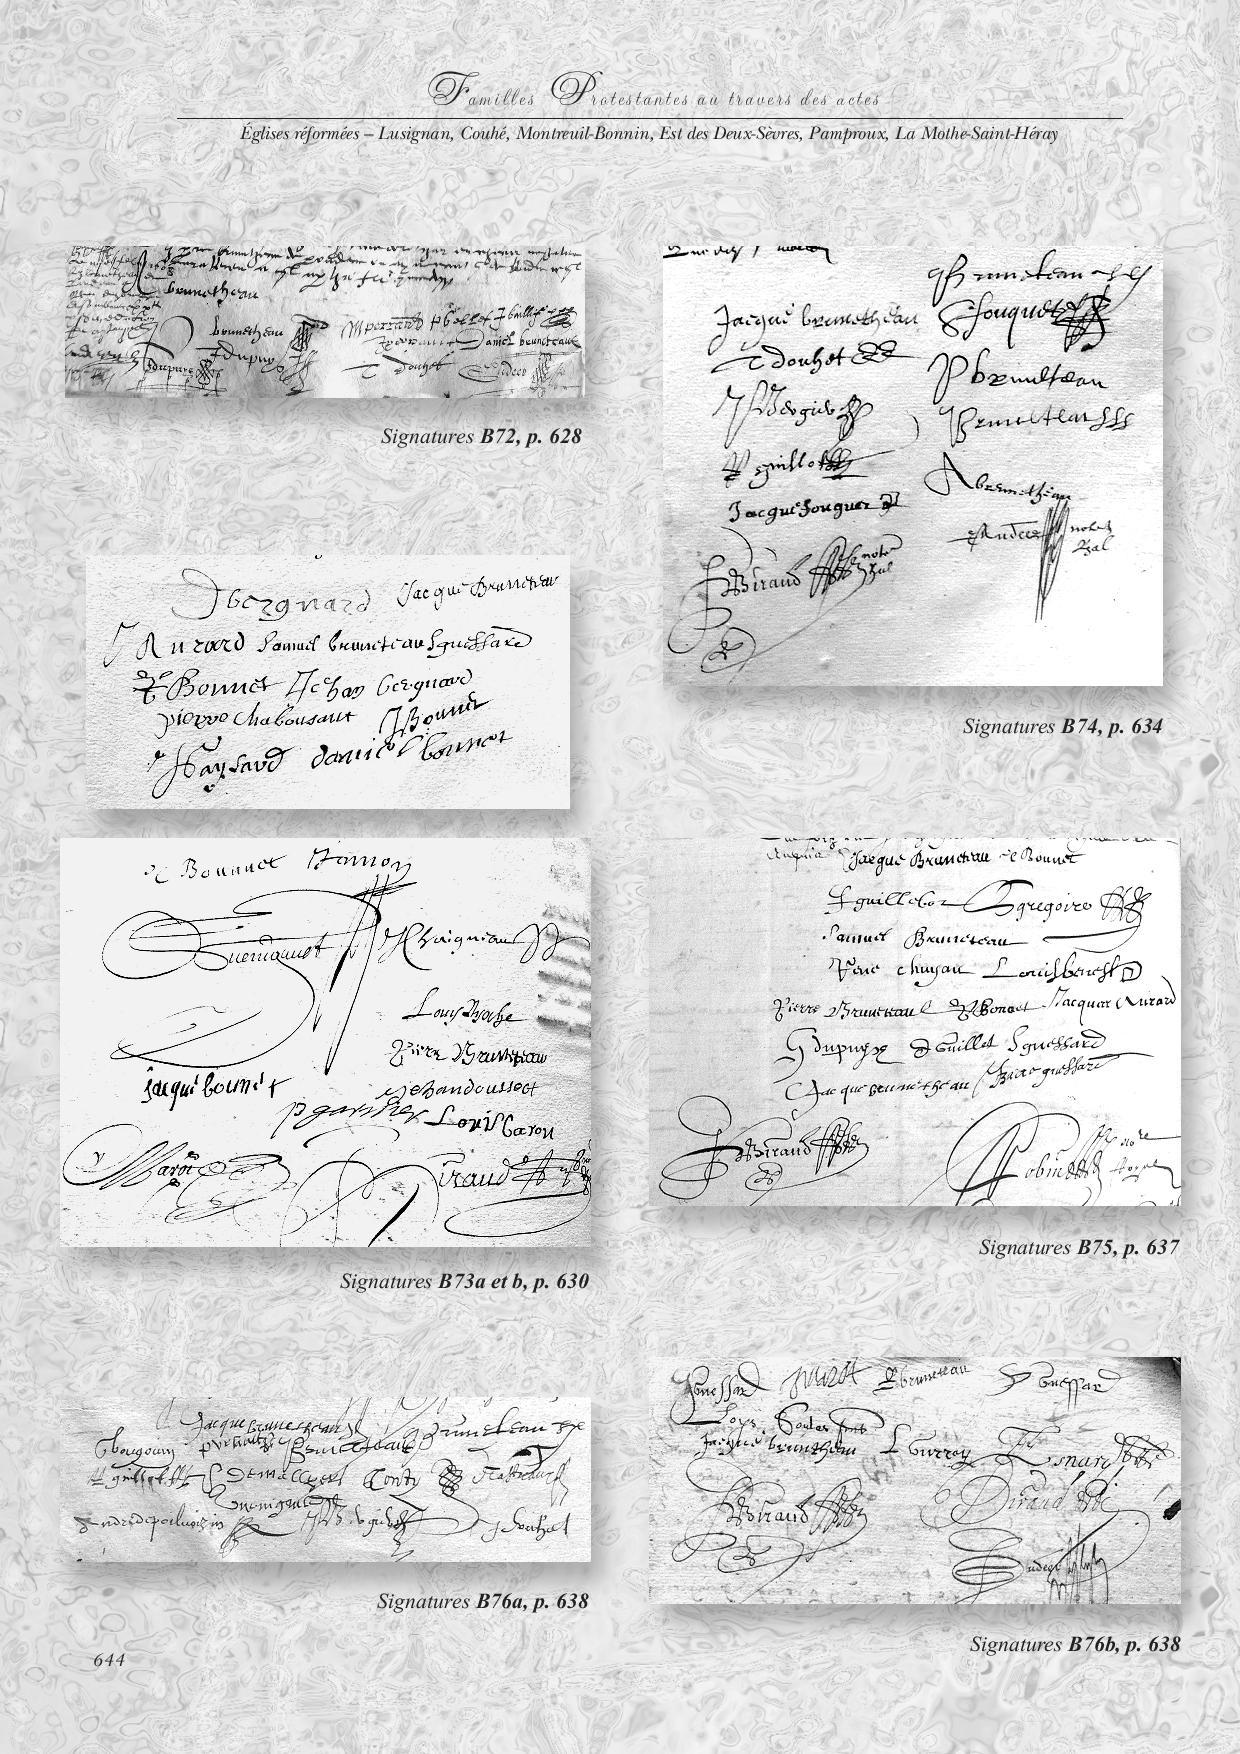 """Extrait de """"Familles protestantes à travers les actes du XVI-XVIIe siècle"""" par Marie-Reine SIRE, édition Association des Publications Chauvinoises, généalogie Vienne et Deux-Sèvres"""